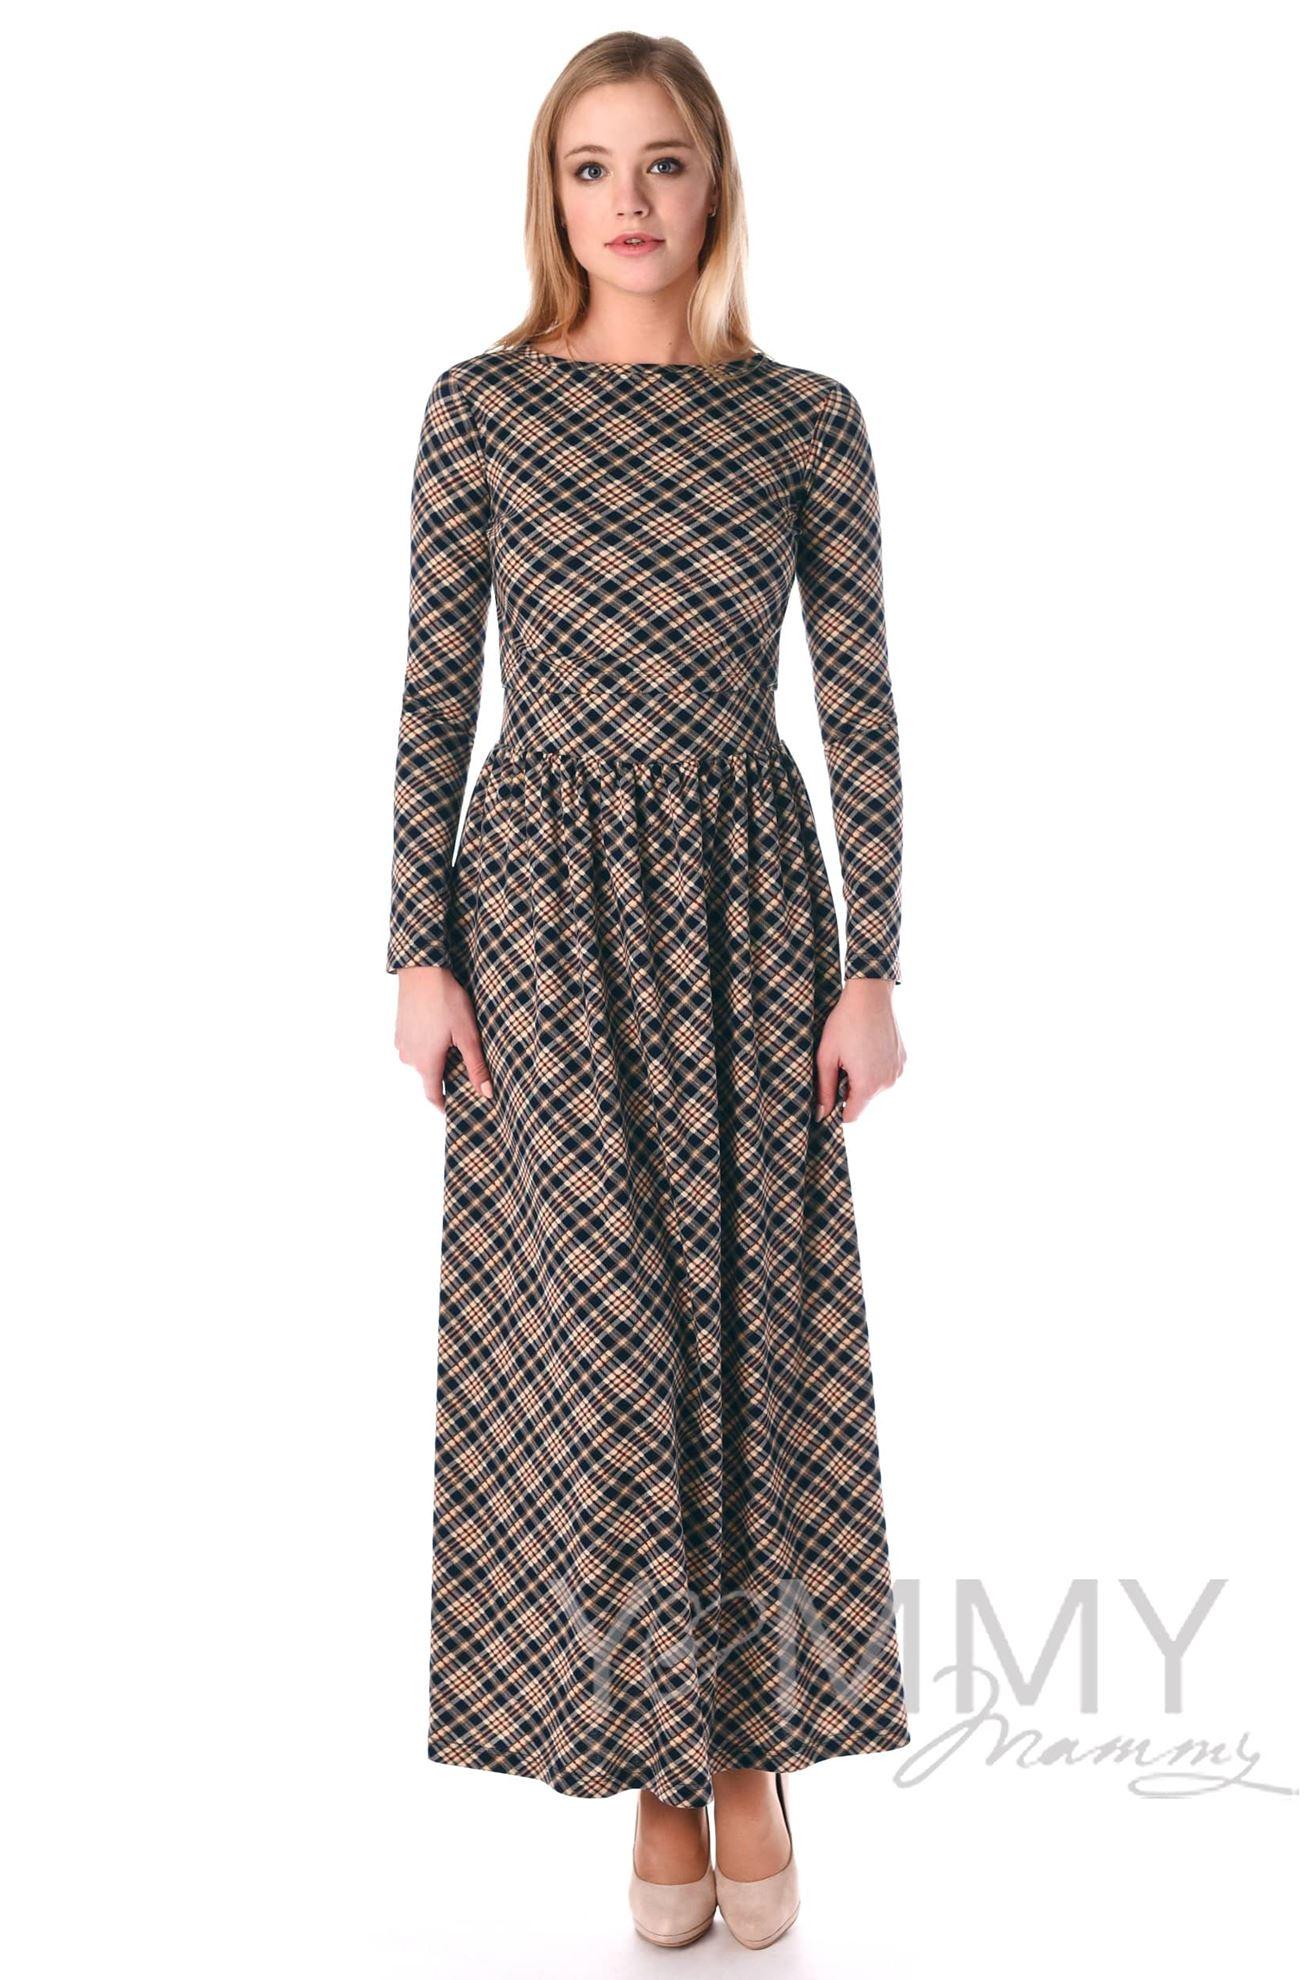 Изображение                               Платье длинное с карманами в бежевую/темно-синюю клетку